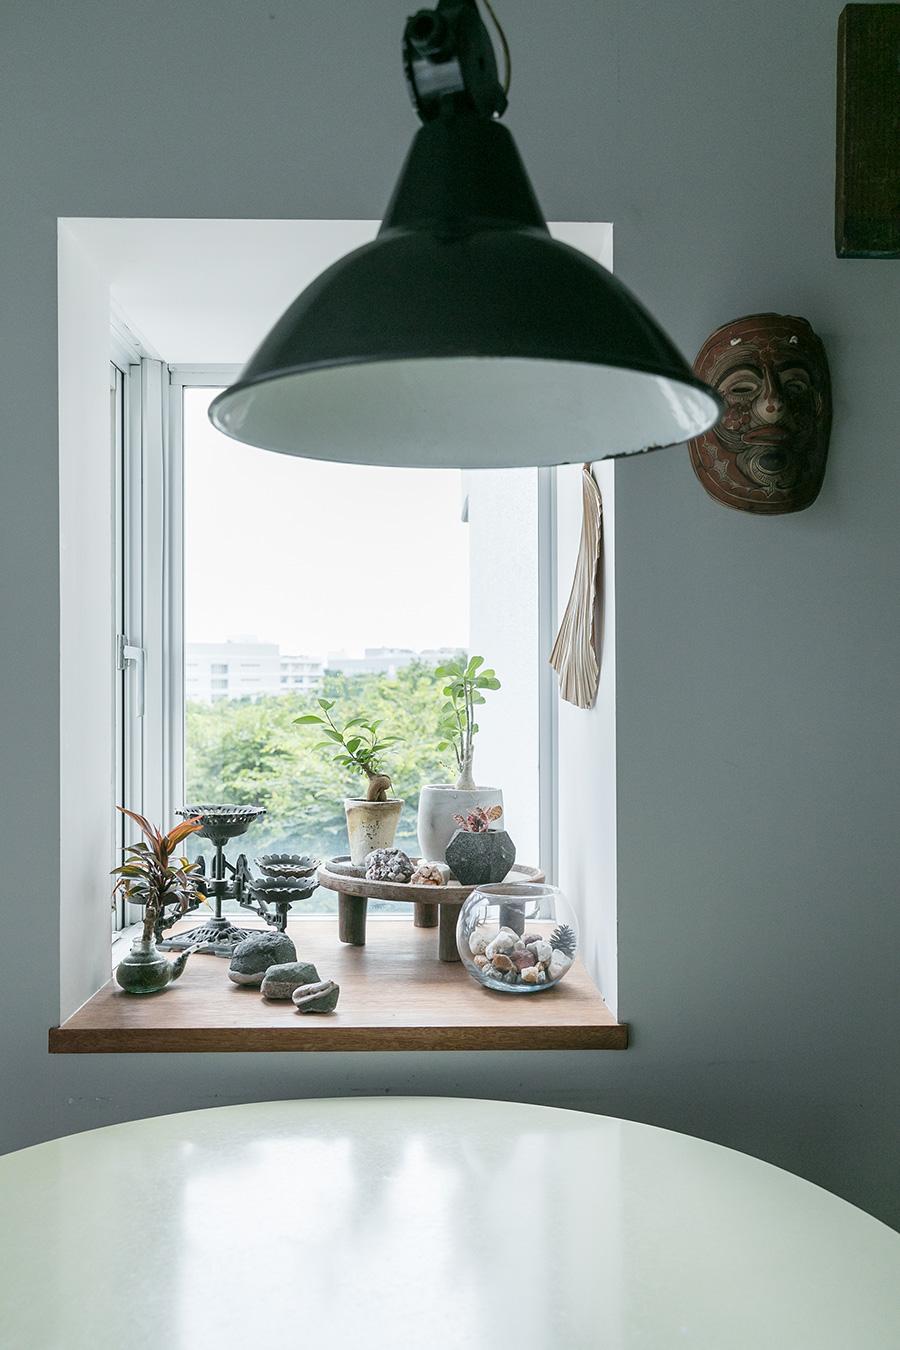 たっぷりとした奥行きの出窓の向こうには、豊かな緑が見える。